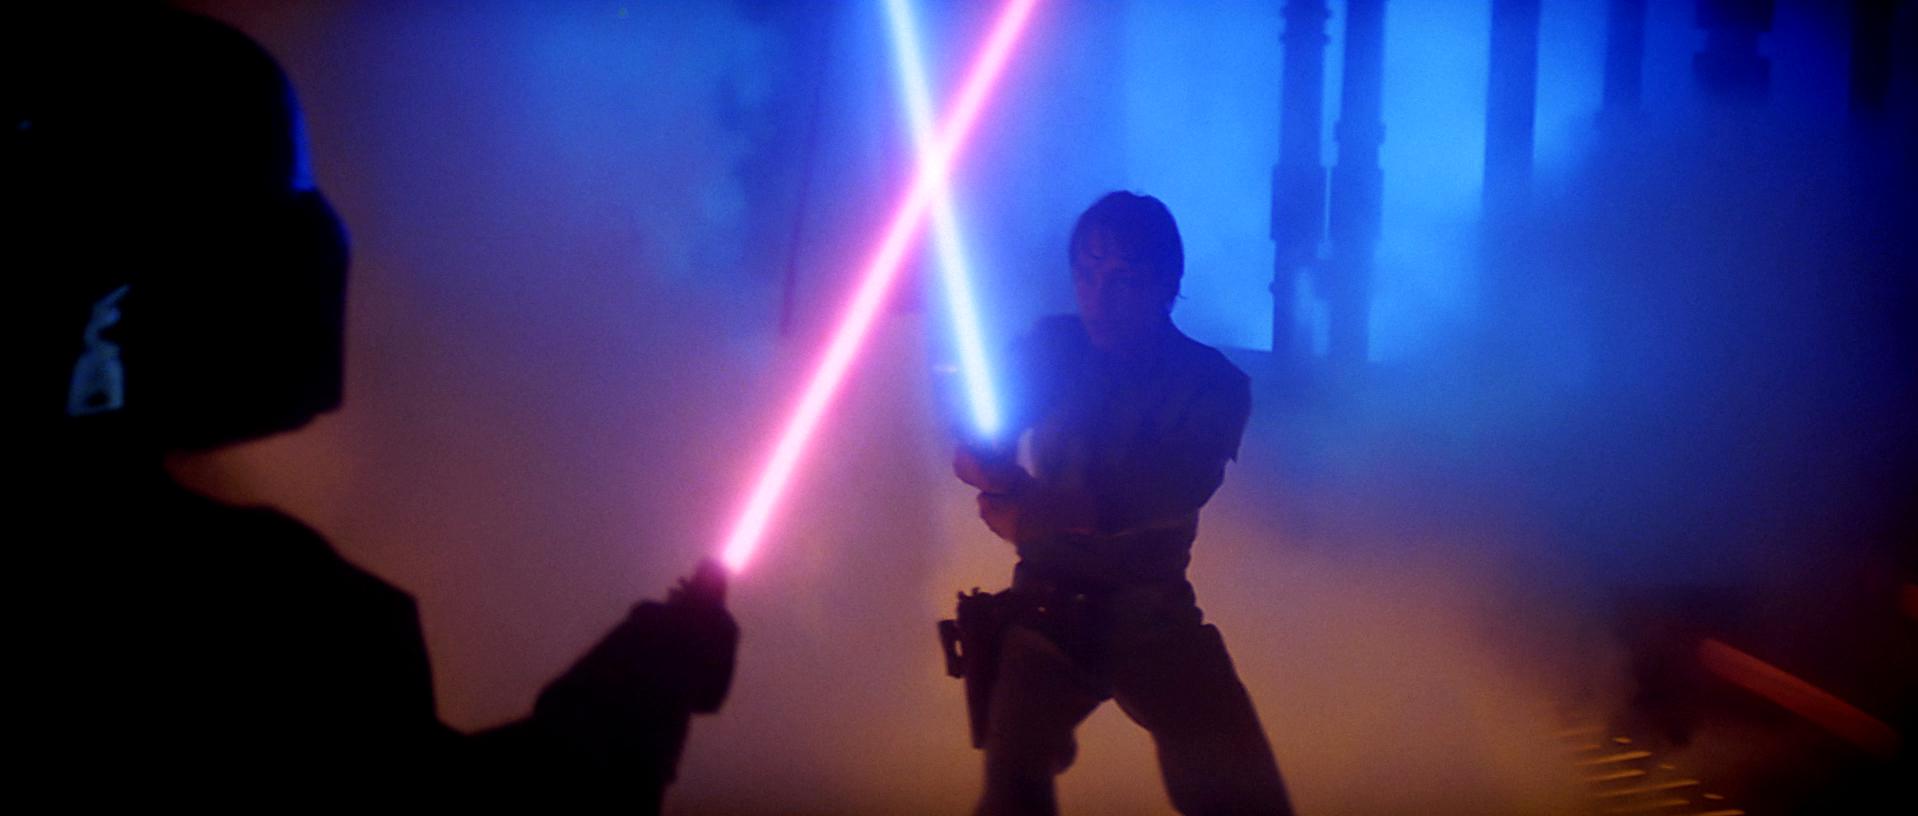 Luke vs Vader Lightsabers